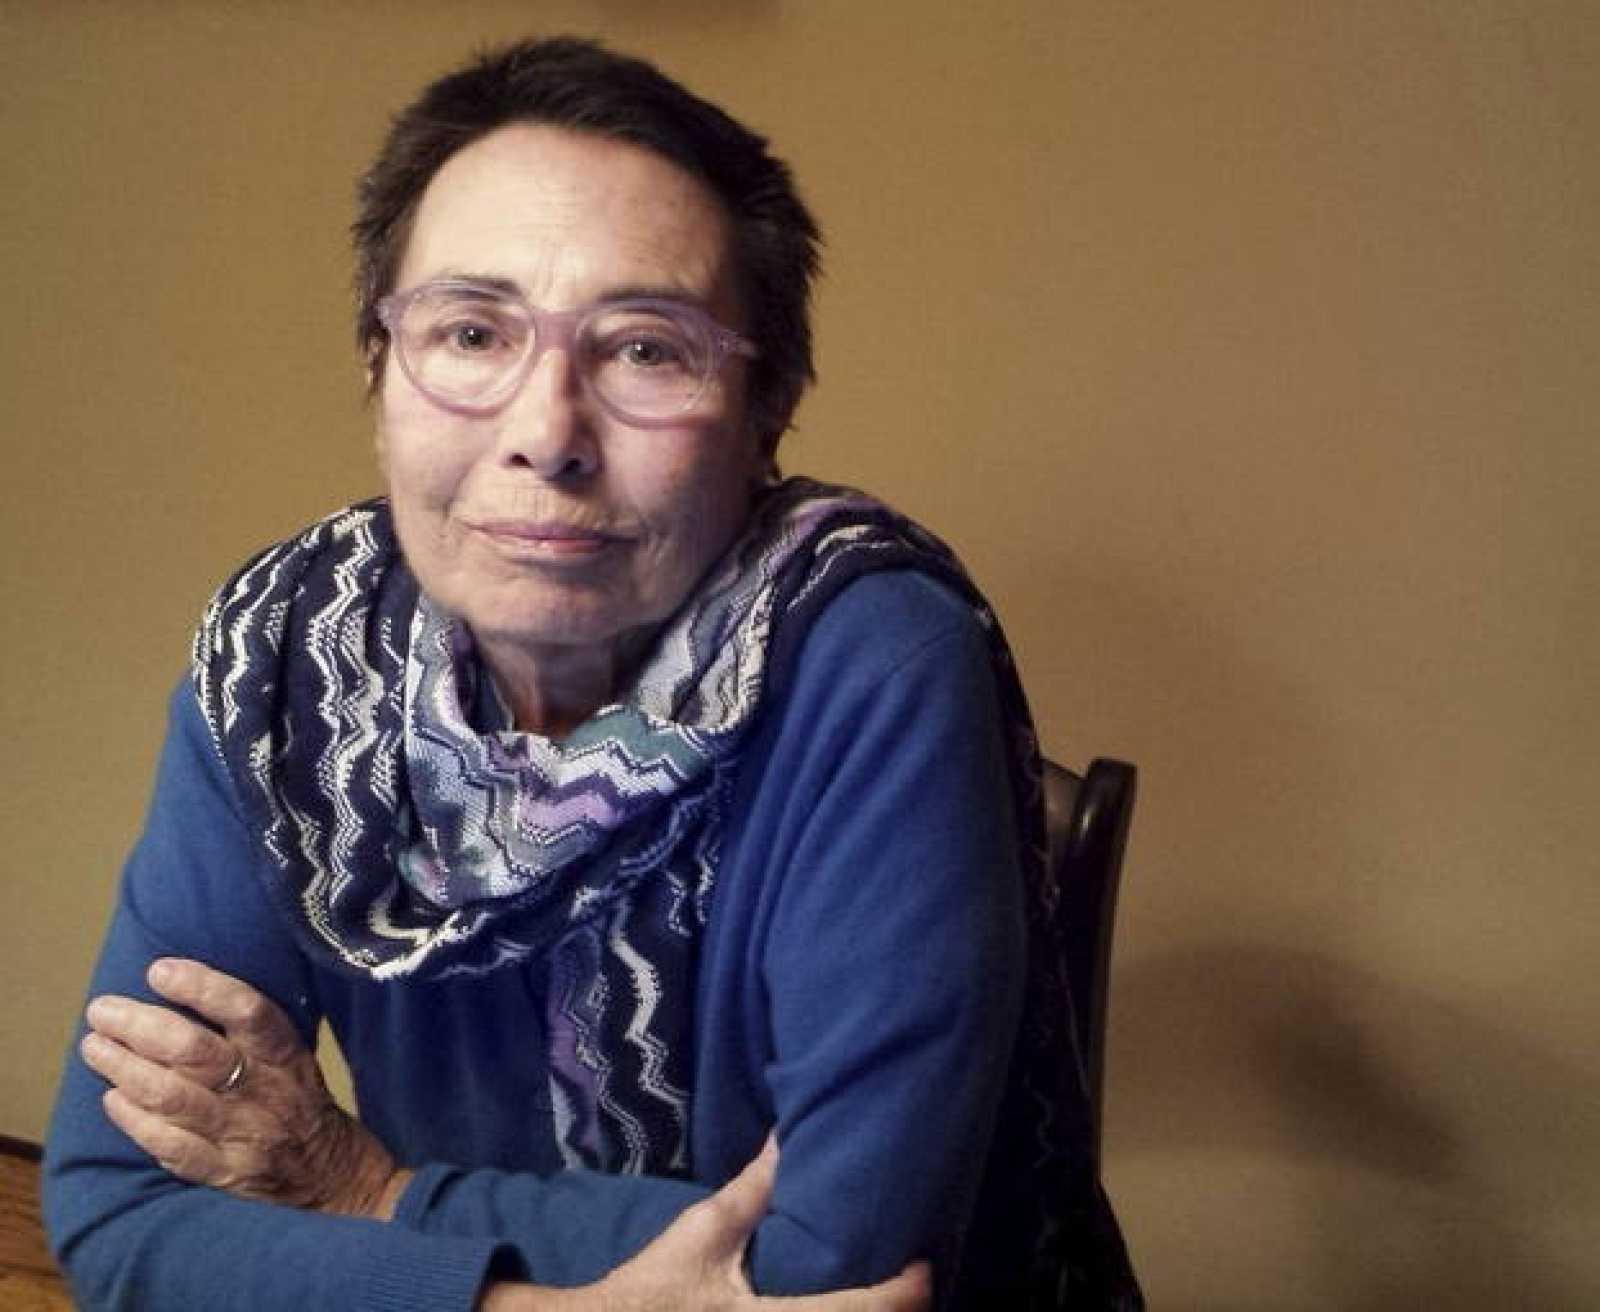 Fotografía facilitada por la Editorial Icaria de la escritora y periodista Margarita Rivière.